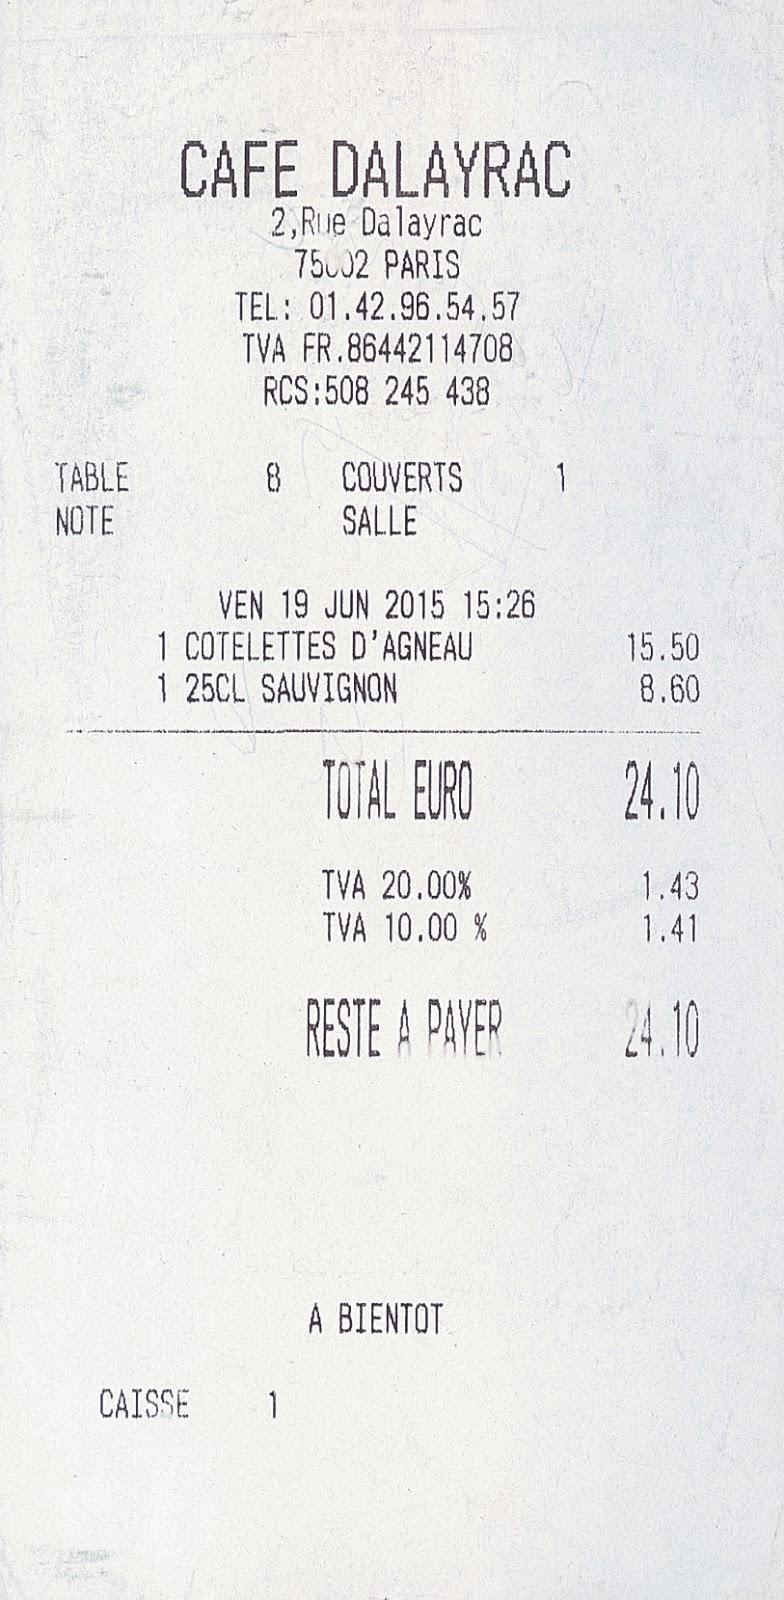 Tilausten kunniaksi myöhäinen lounas asiakkaan kulmantakaisessa kuppilassa. 632c9d4e39